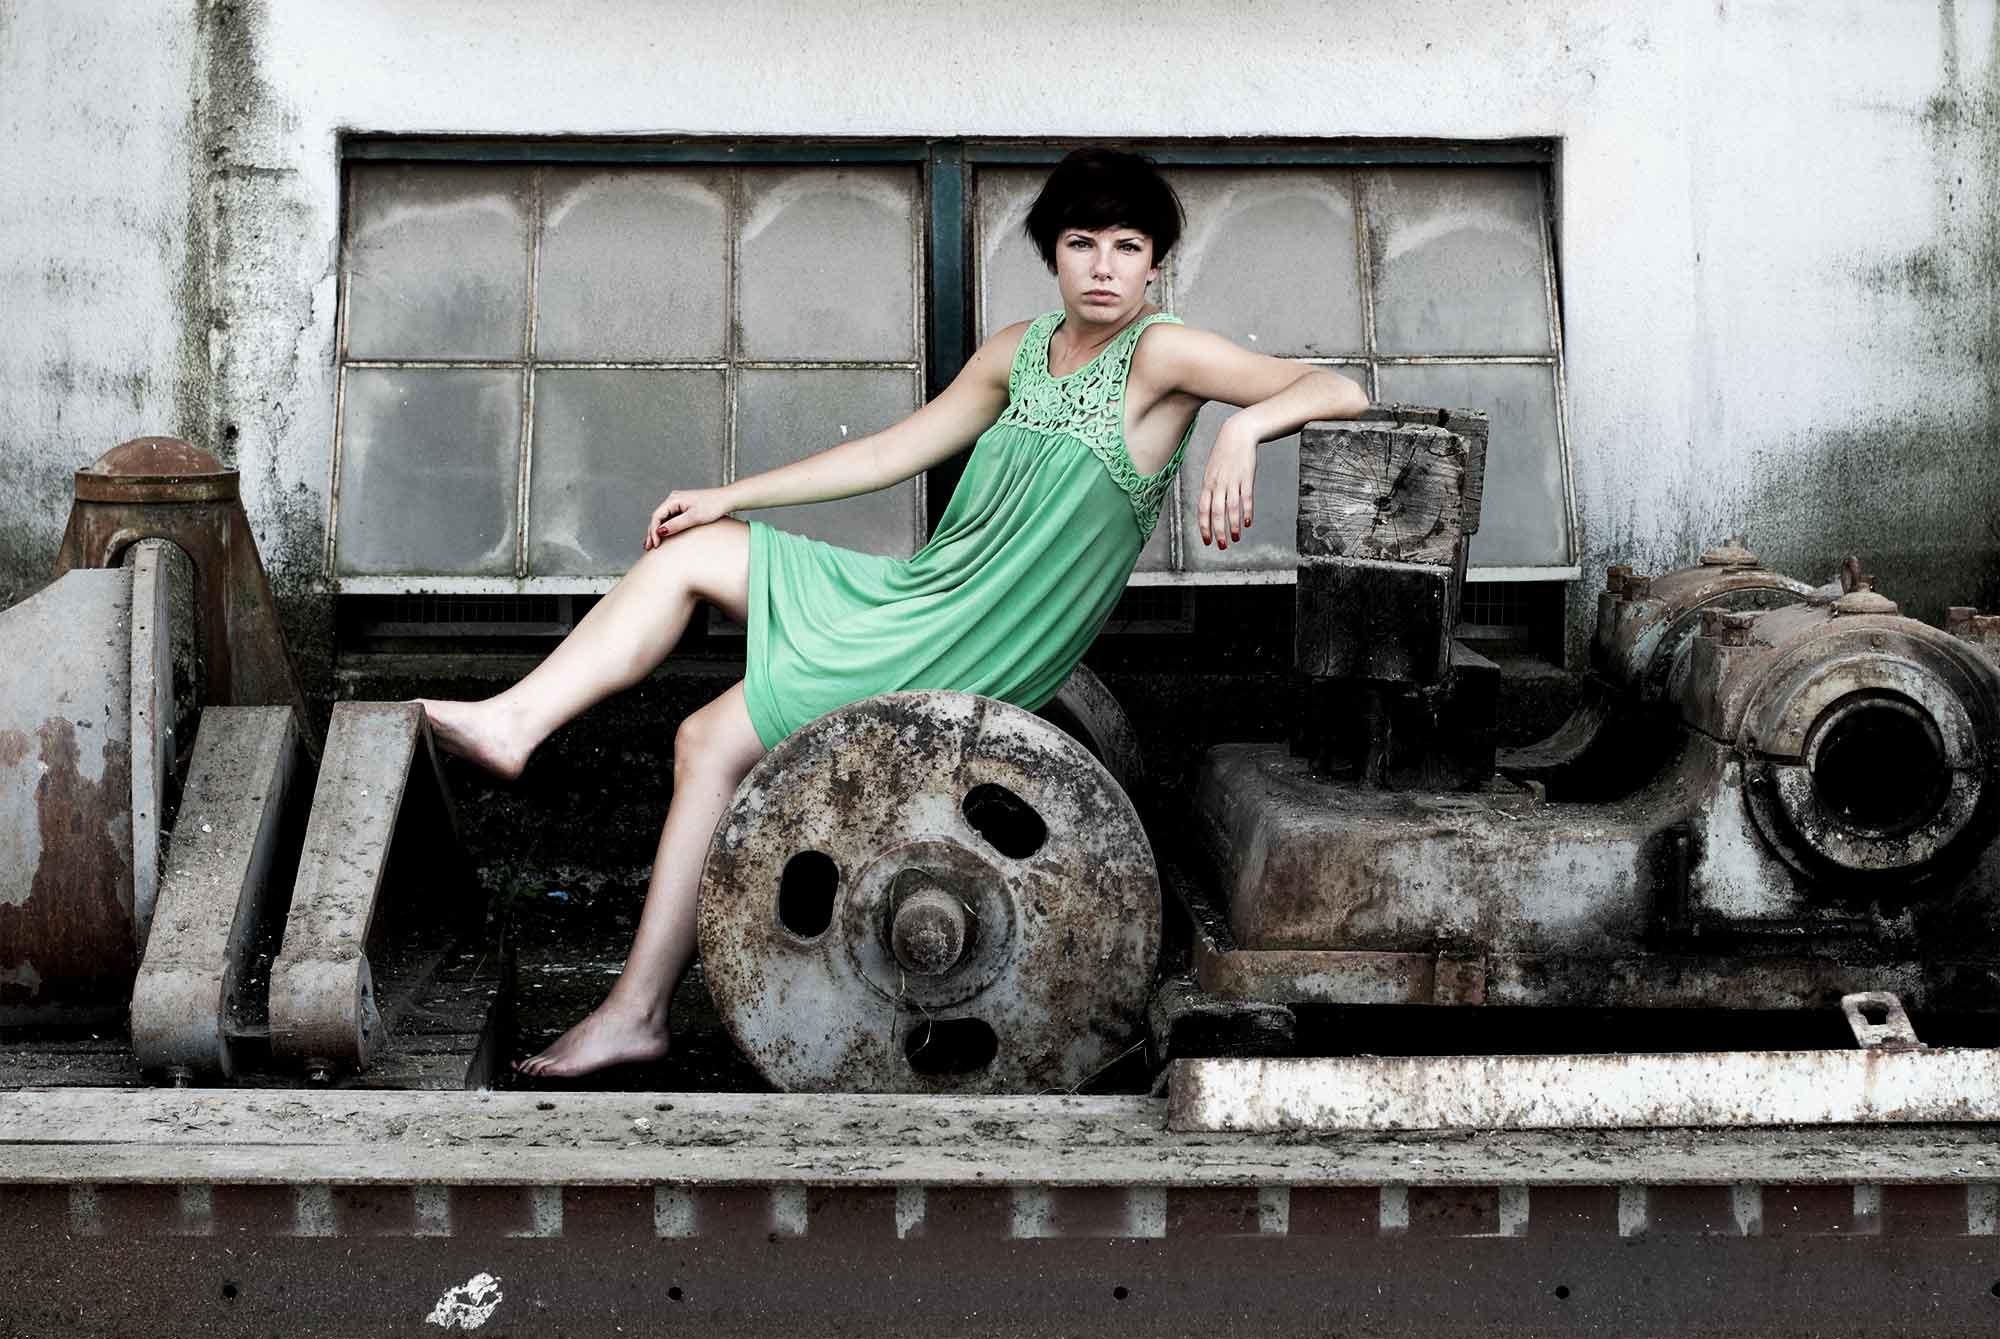 Séance photo thématique dans un décor industriel / Projet artistique de portfolio de mode et de beauté